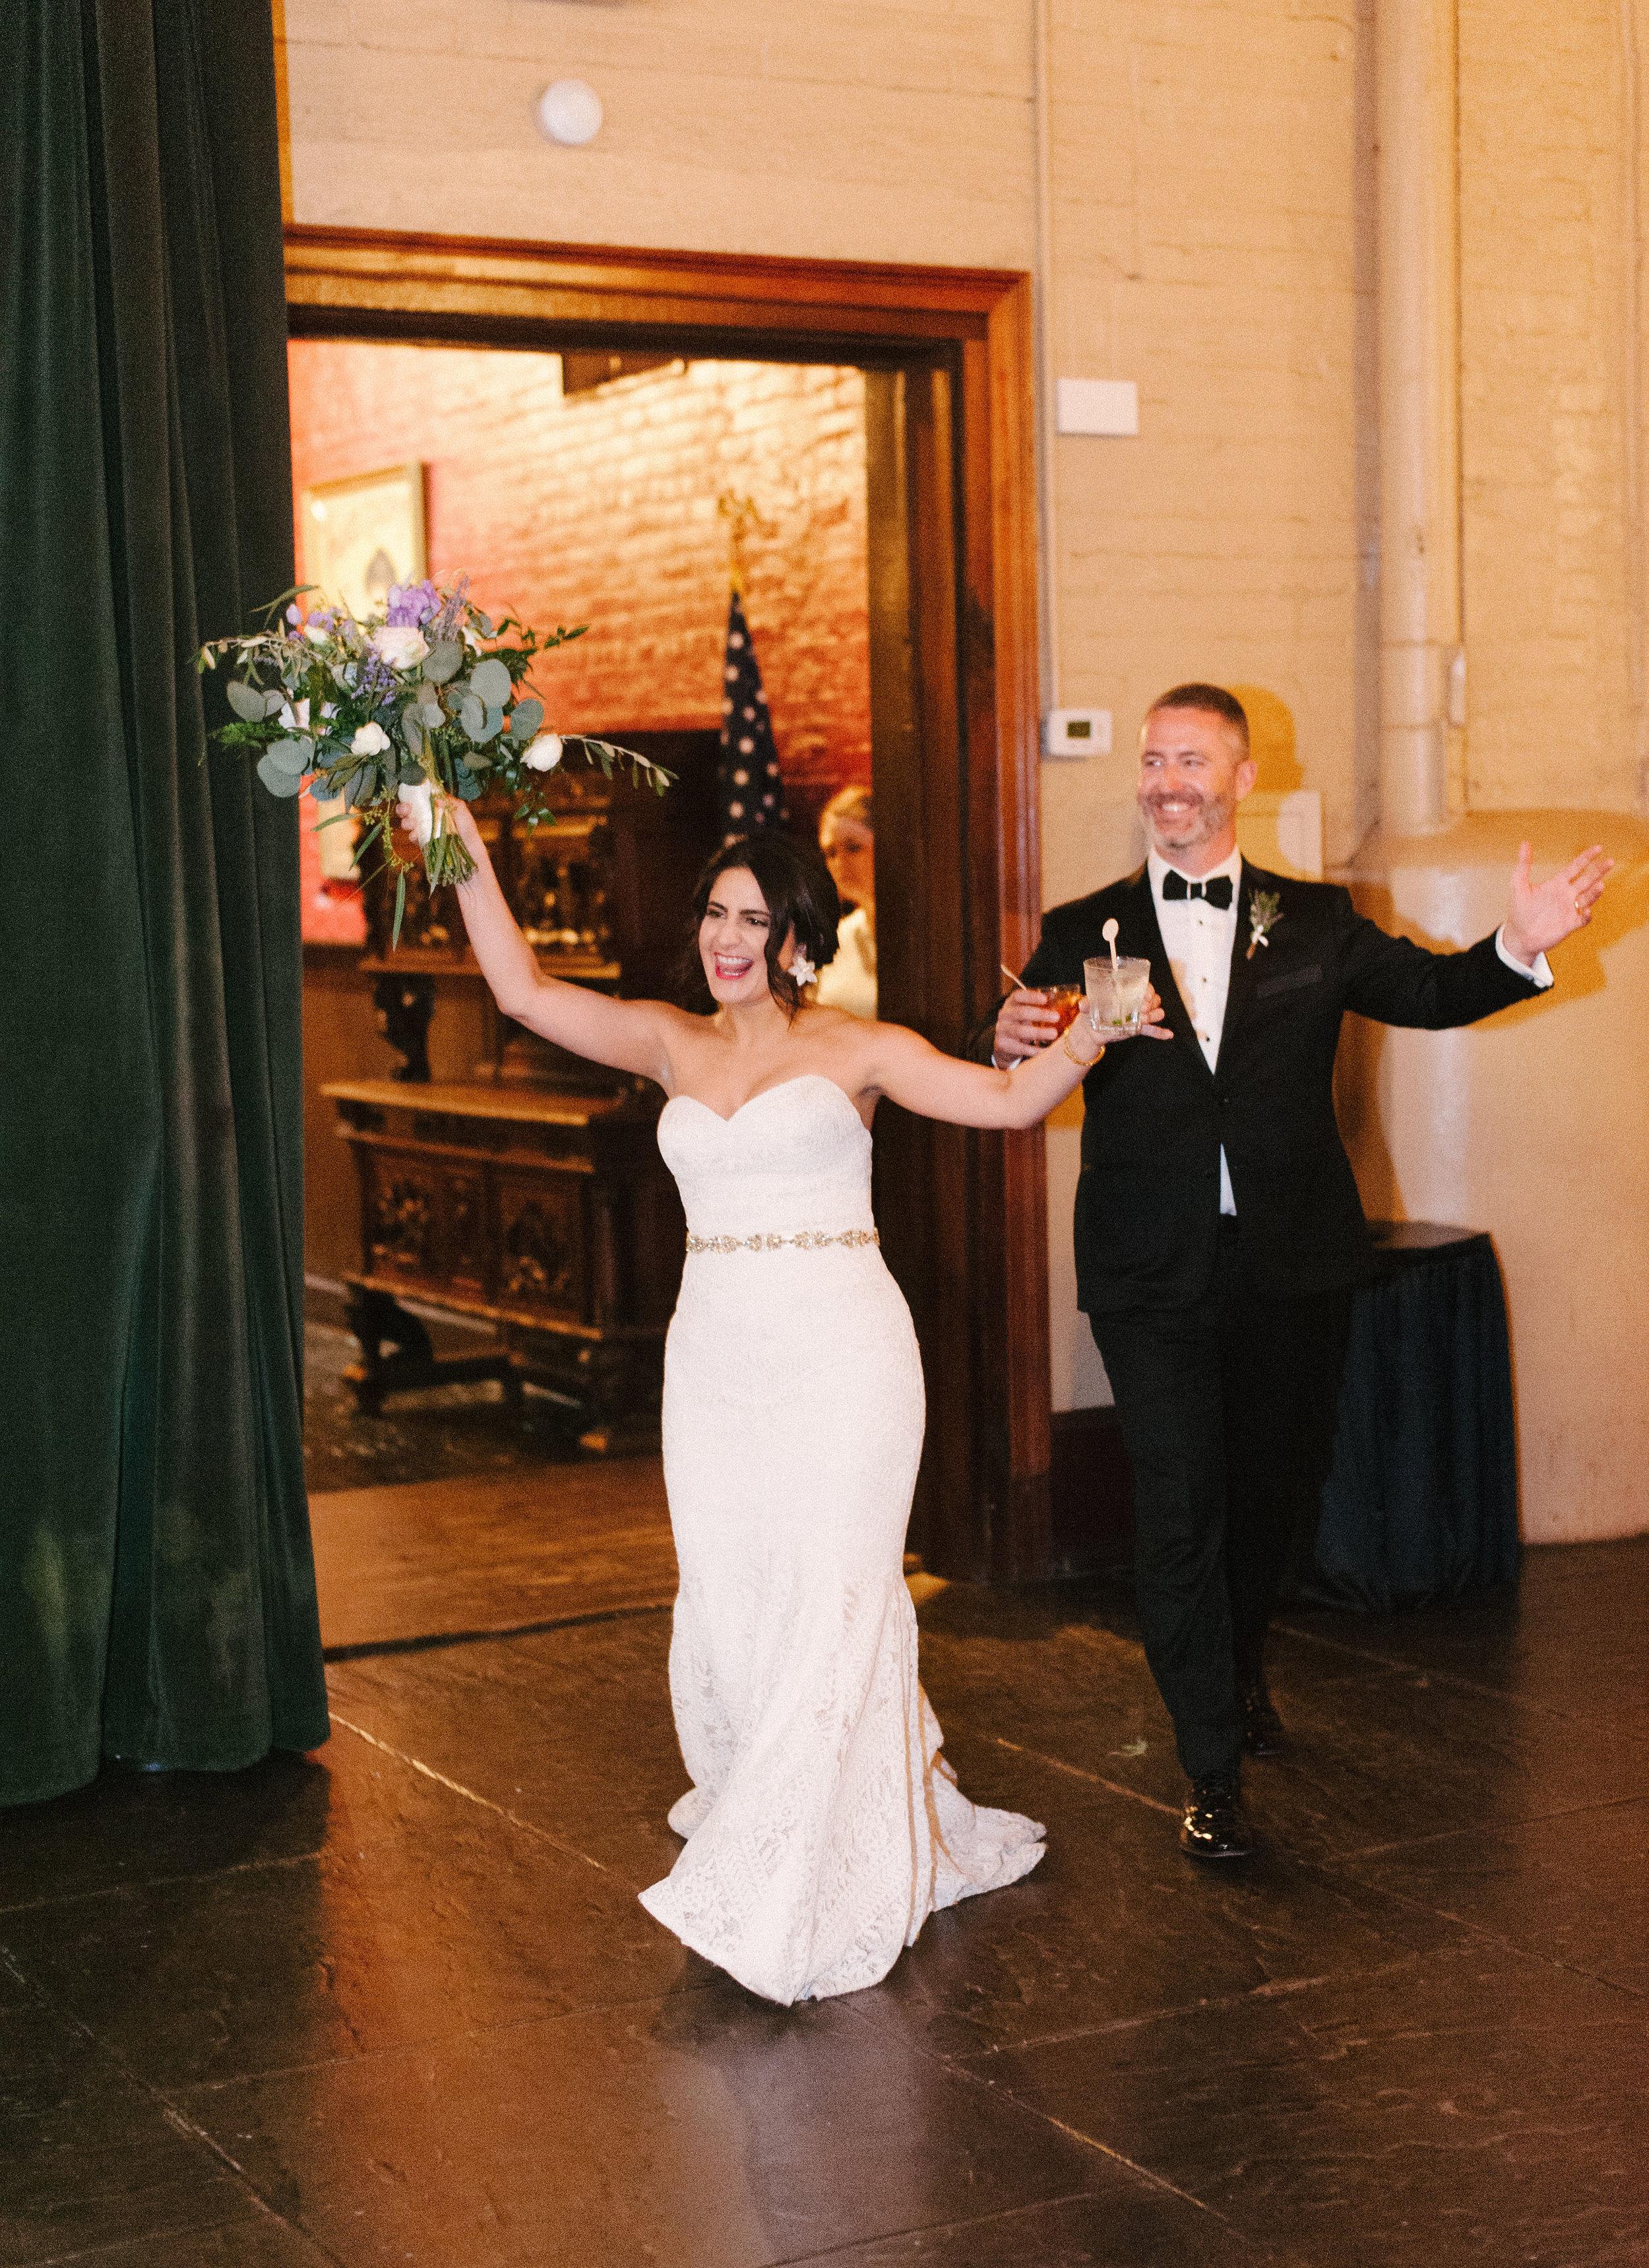 10-ivory-and-beau-bridal-boutique-wedding-dress-bridal-shop-alexjanelle_joshmorehousephotography-331.jpg